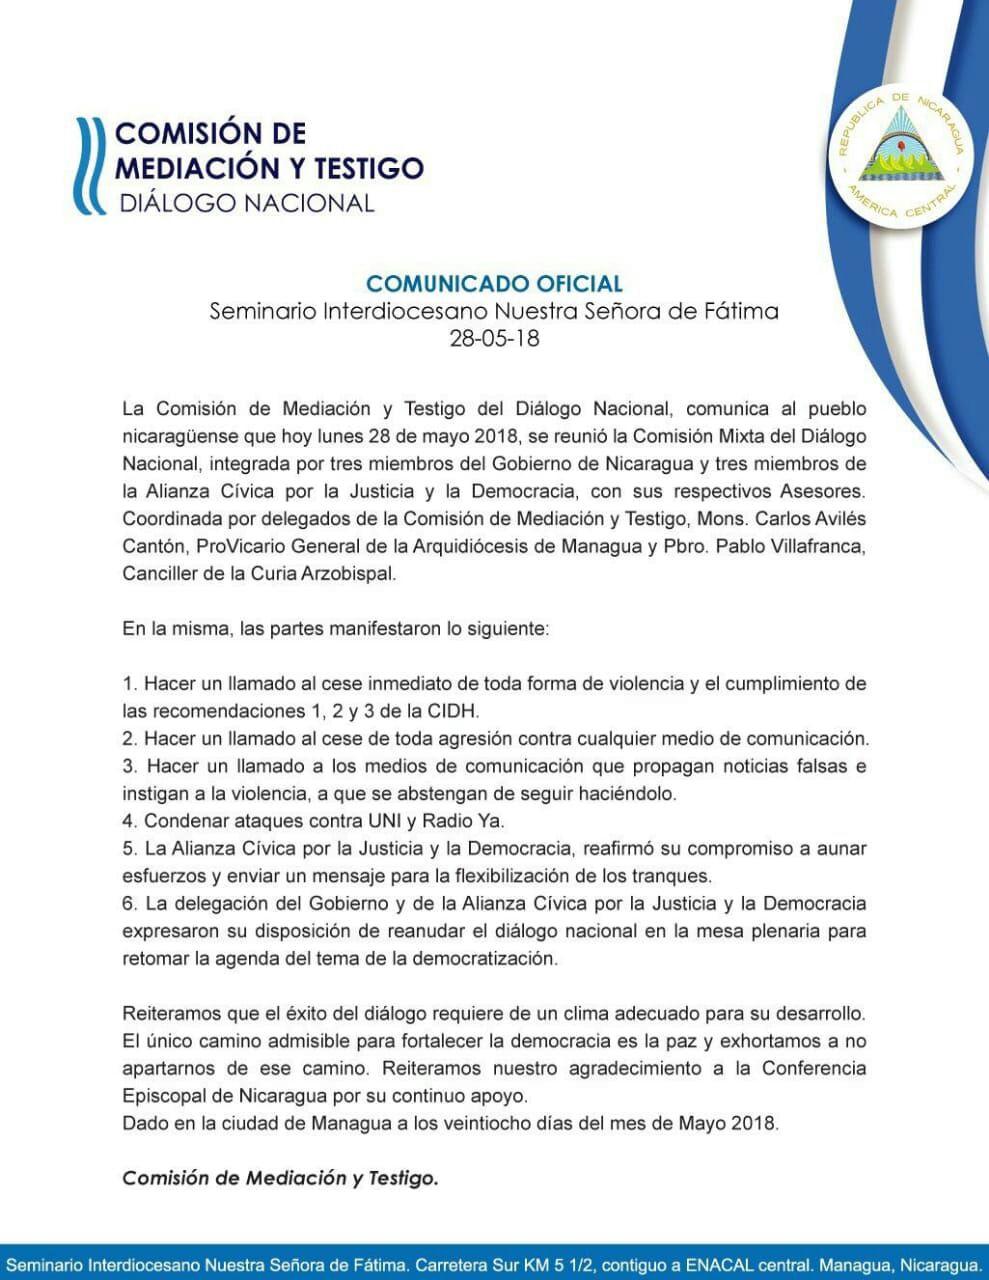 Comision_de_Mediacion_y_testigo_dialogo_nacional